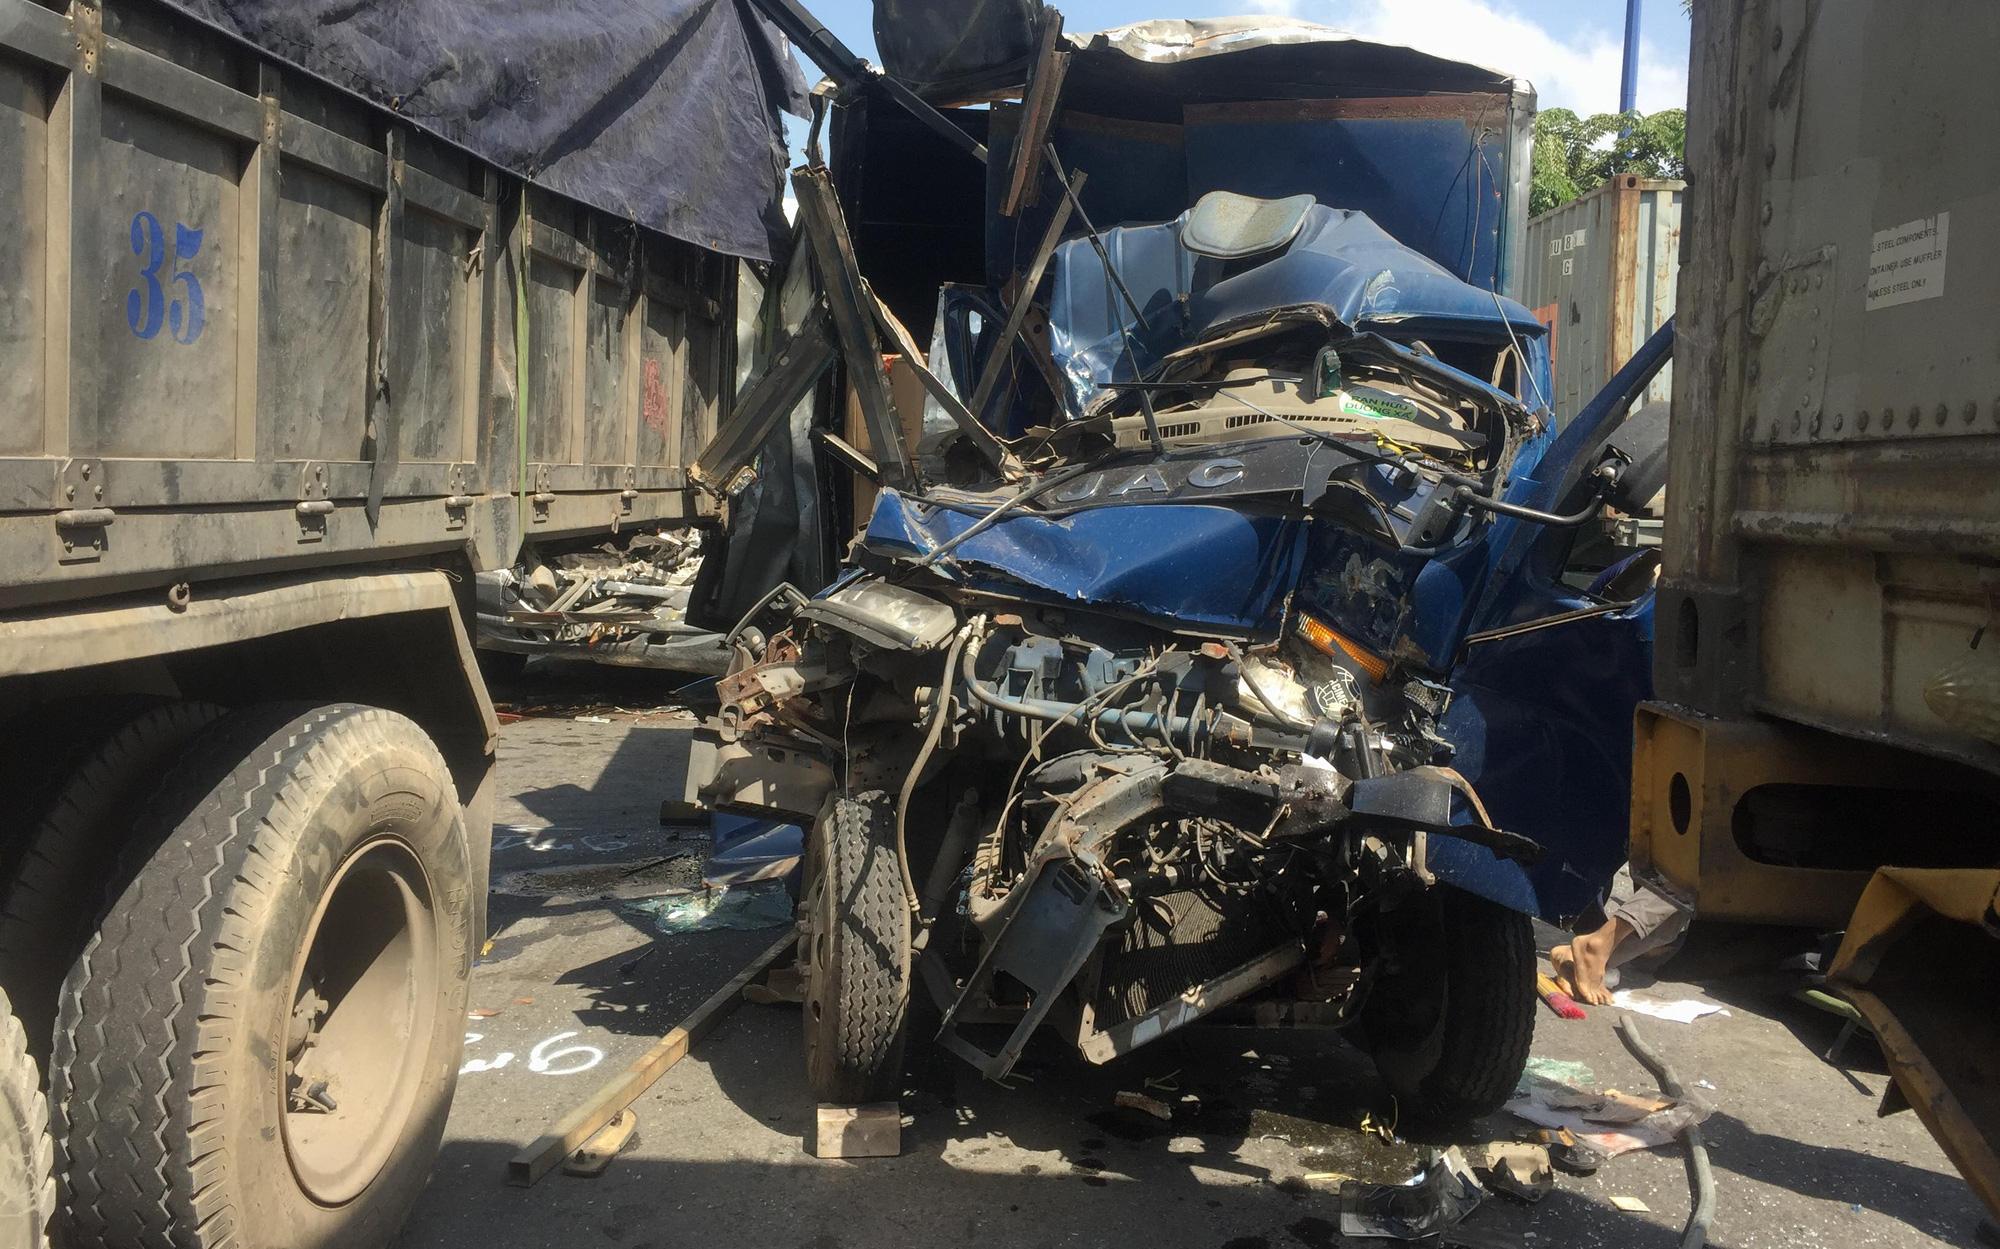 Va chạm liên hoàn trên Xa Lộ Hà Nội, lơ xe tử vong mắc ket trong xe, tài xế bị thương được dân giải cứu ở Sài Gòn